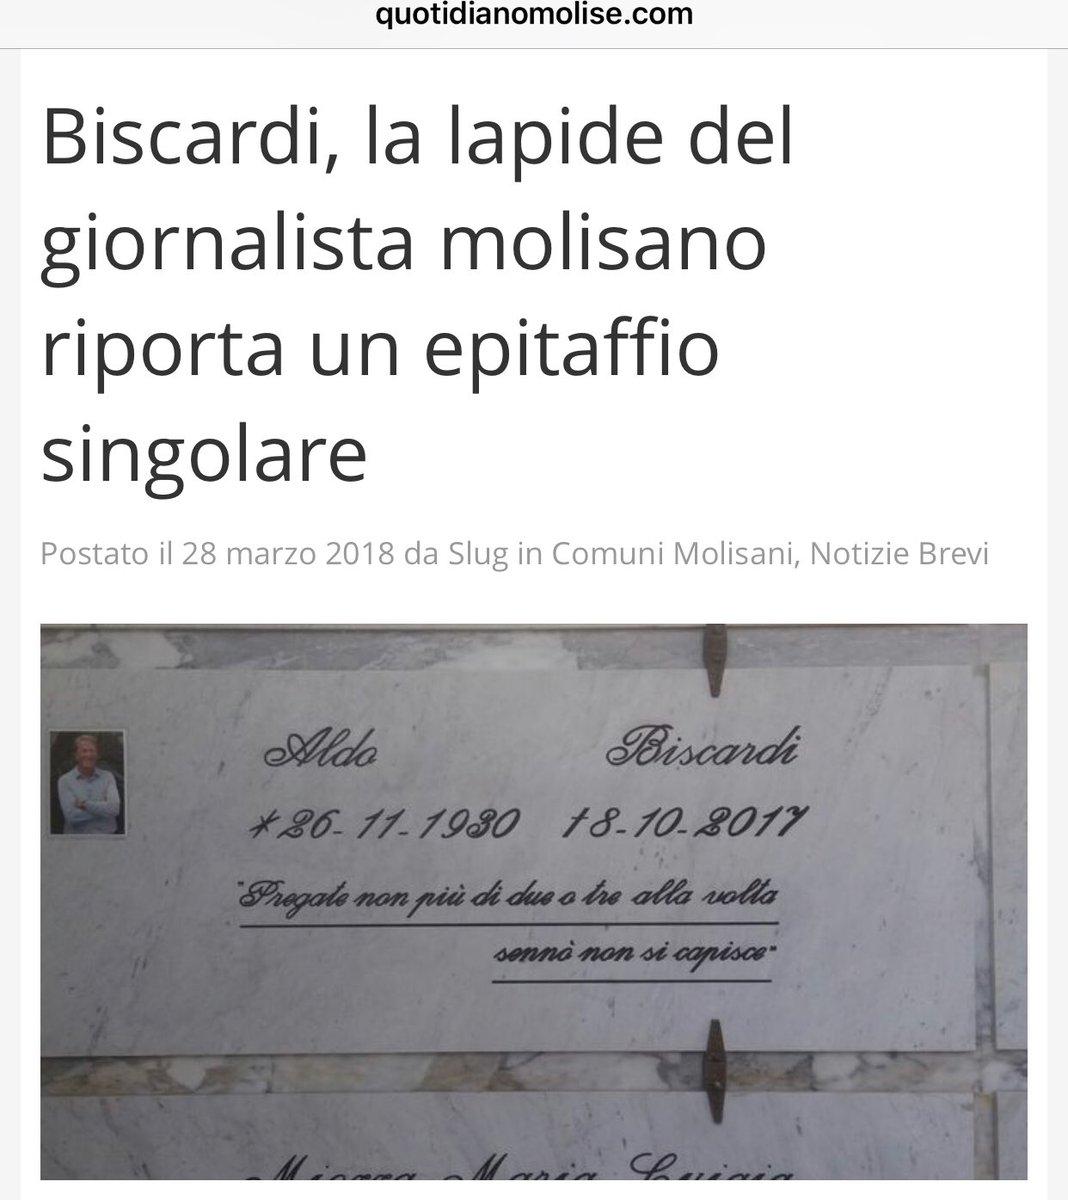 Nonleggerlo På Twitter Epitaffi Che Resteranno Il Quotidiano Del